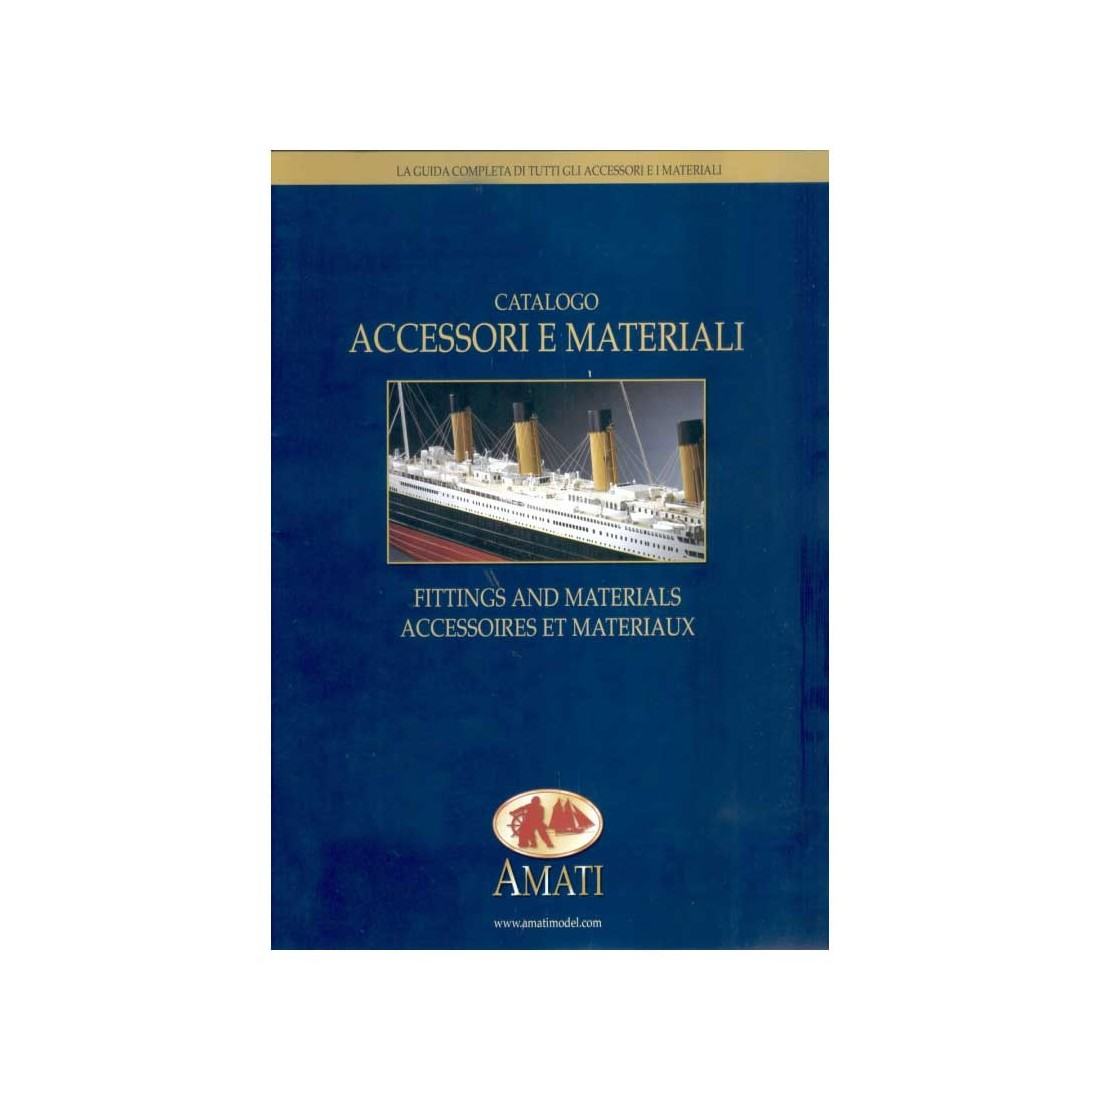 Catálogo de accesorios y materiales.